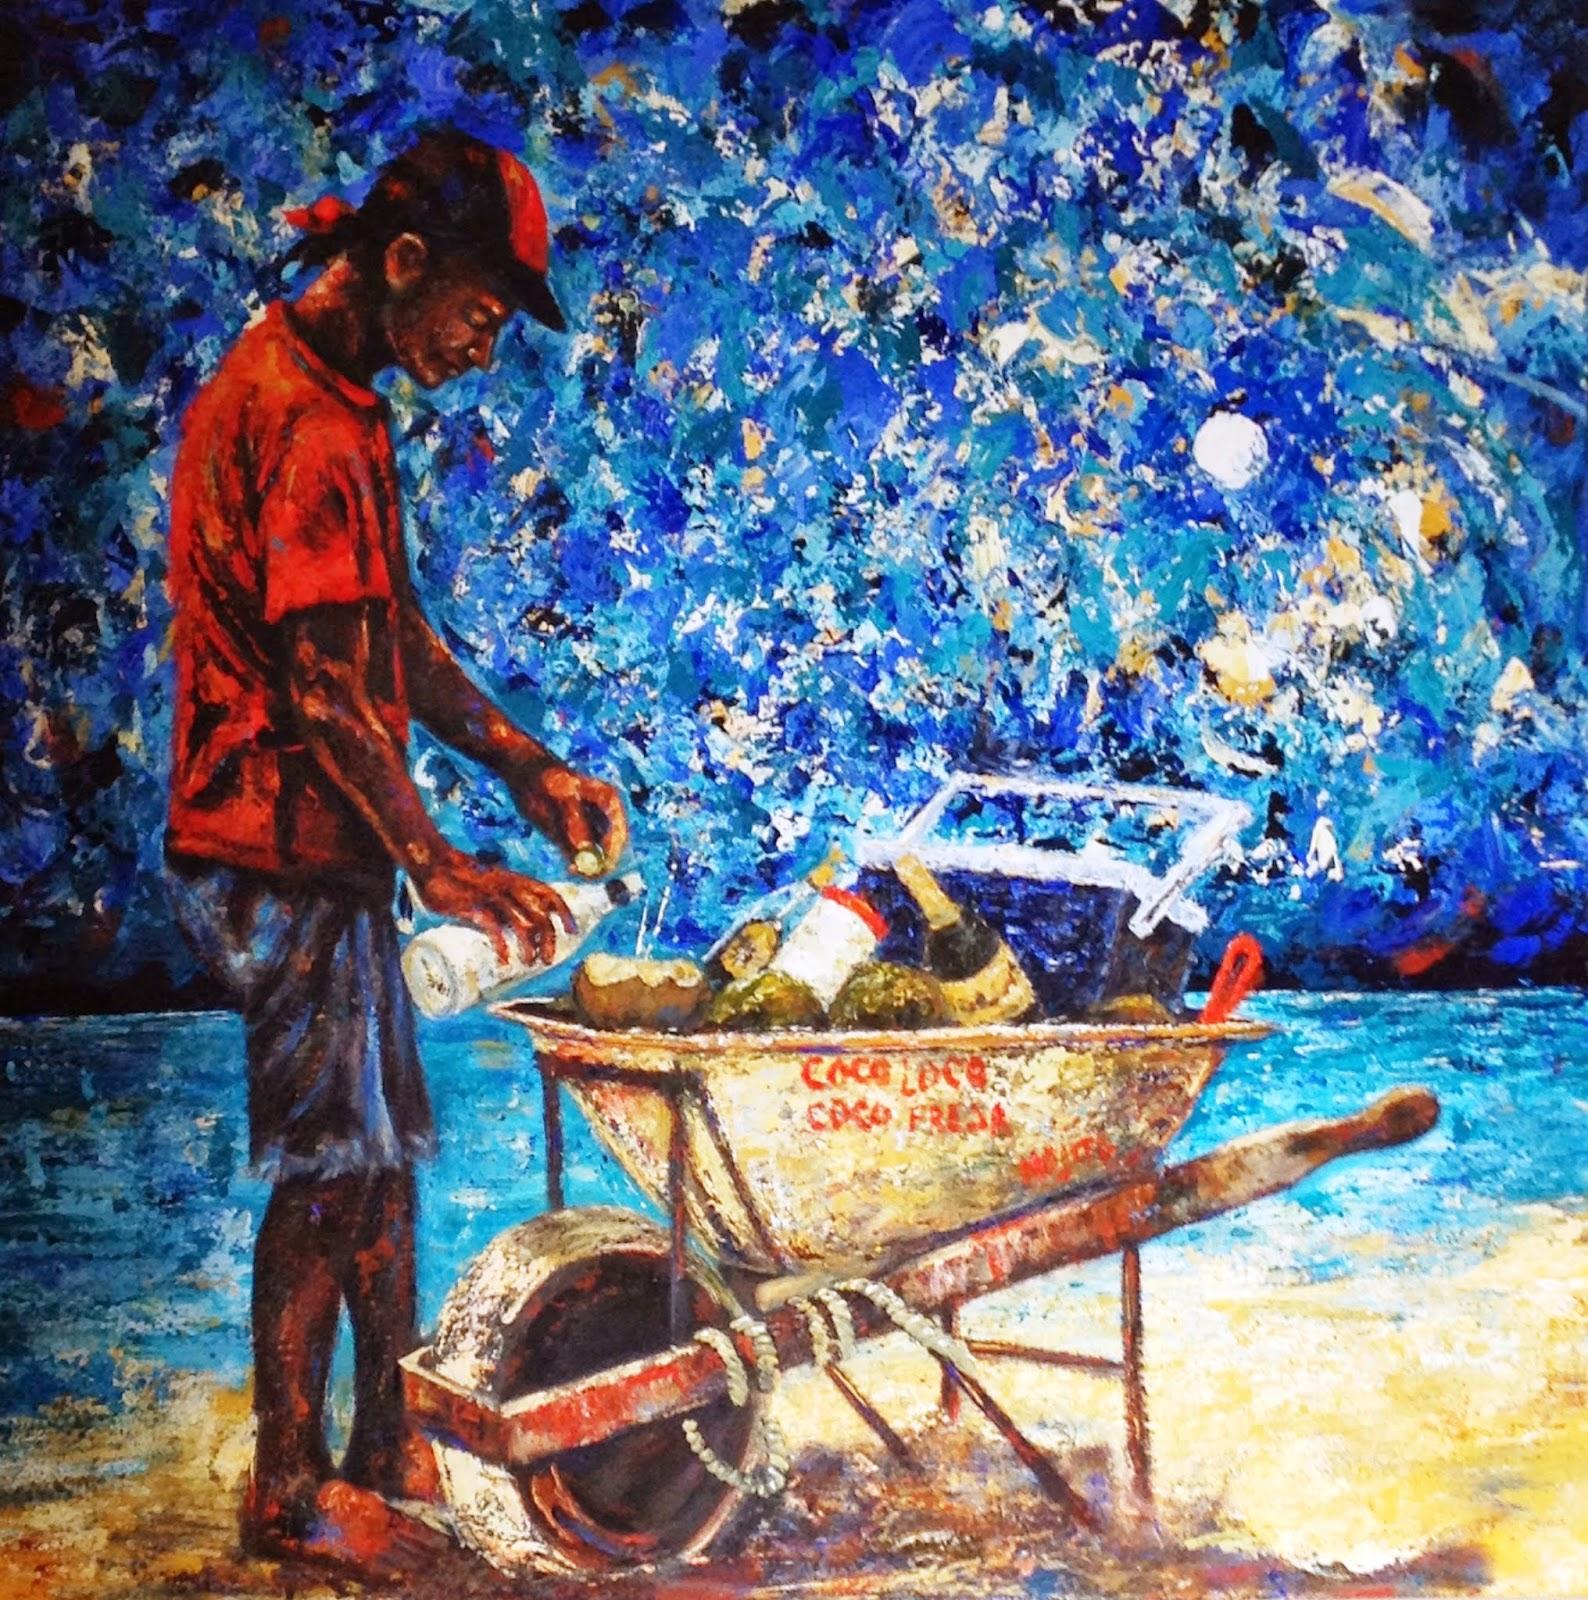 COCO LOCO  Mixta Acrilico sobre lienzo 100 x 100 cm Autor Diana Francia